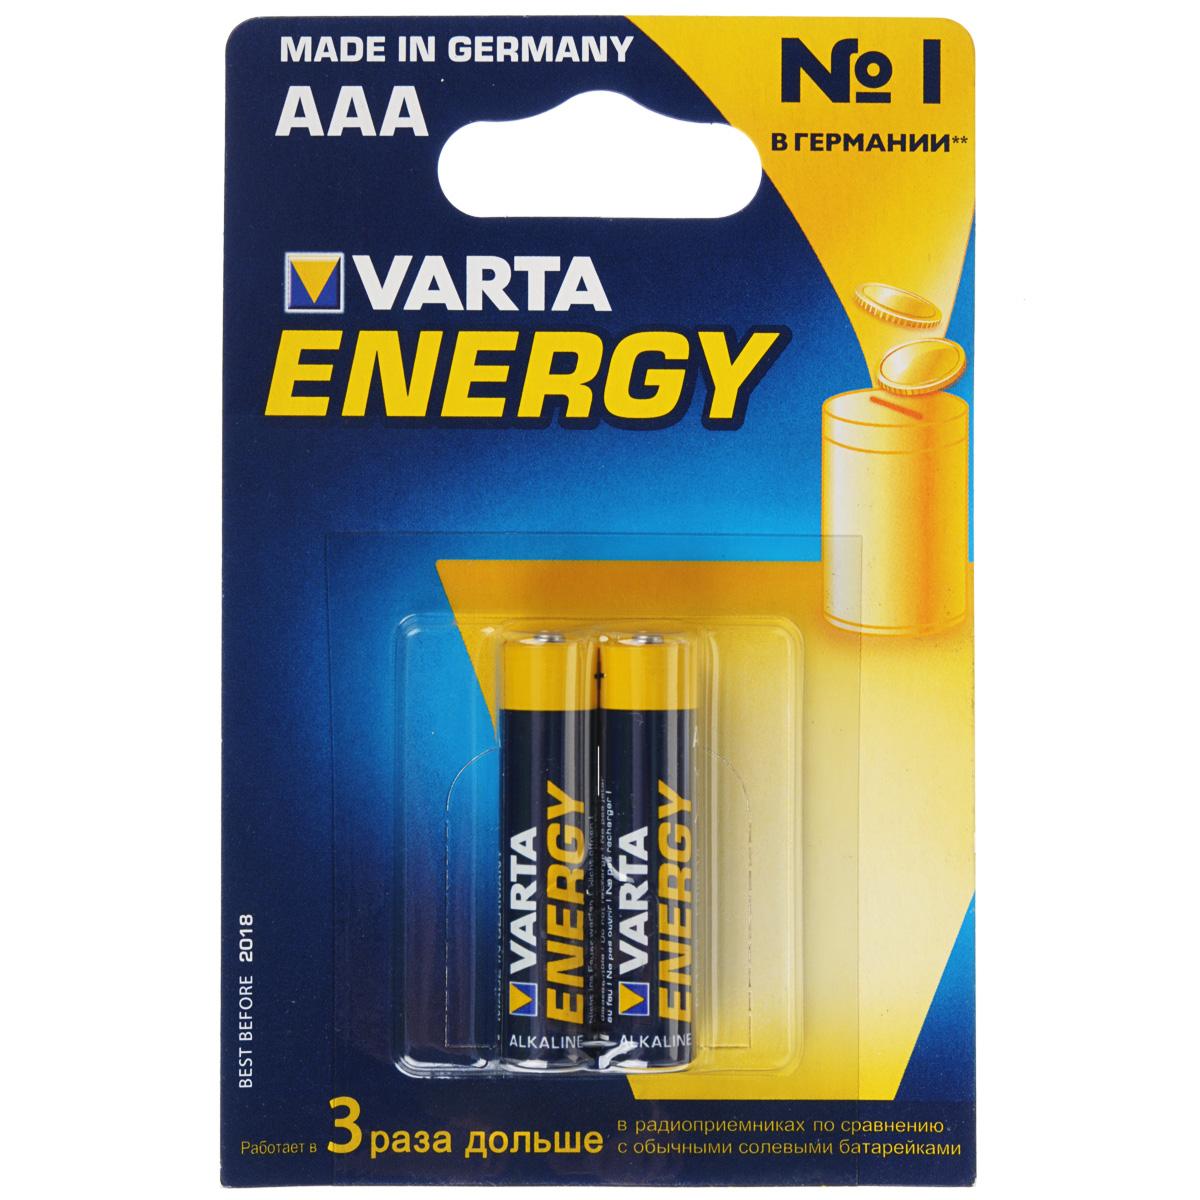 Батарейка Varta Energy, тип AAA, 1,5В, 2 шт батарейки varta energy 2 шт aaa